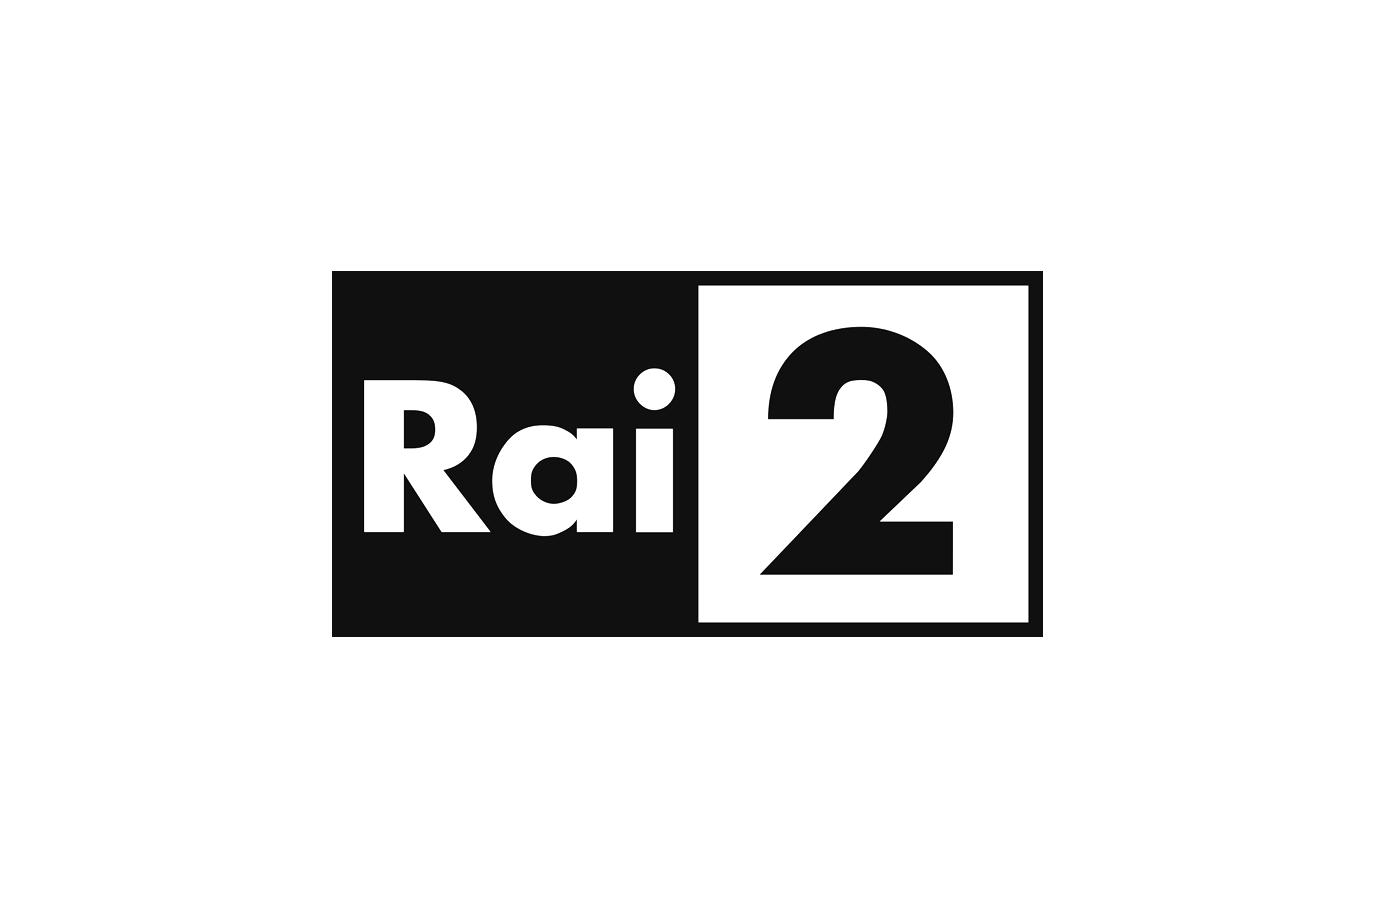 rai2_bn